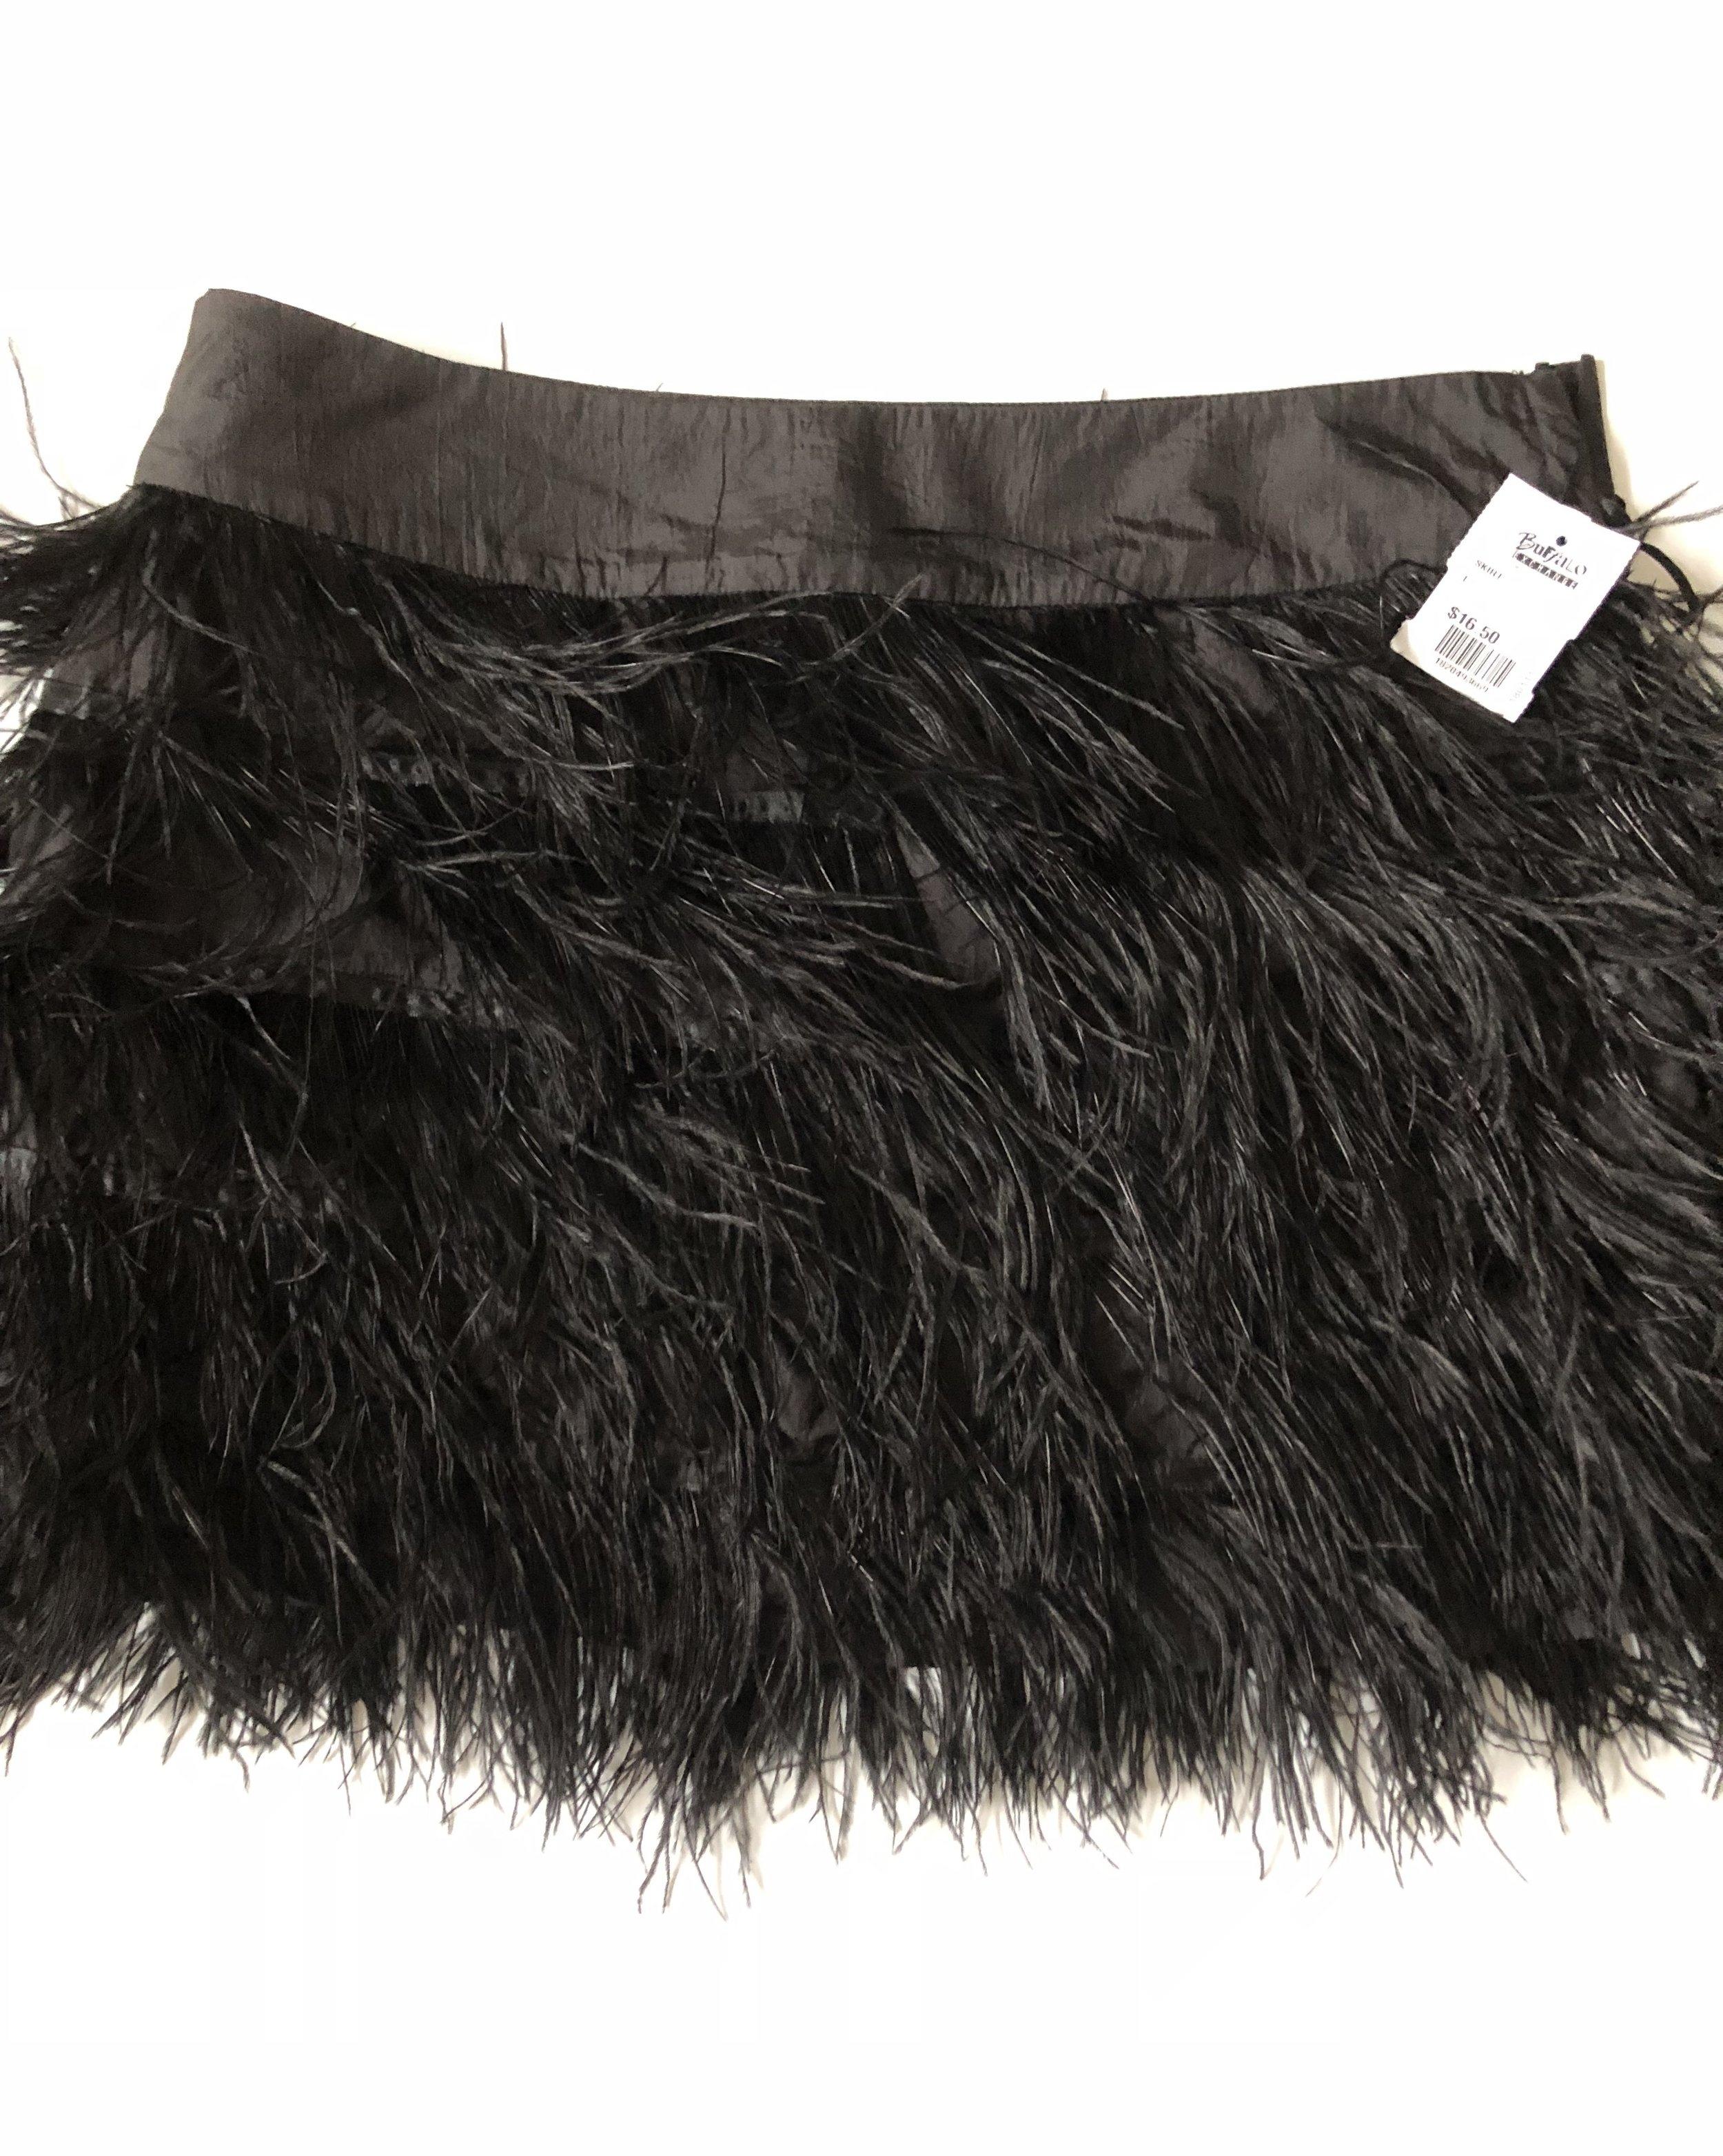 Fringe mini skirt $16.50, size large. It fits perfectly!